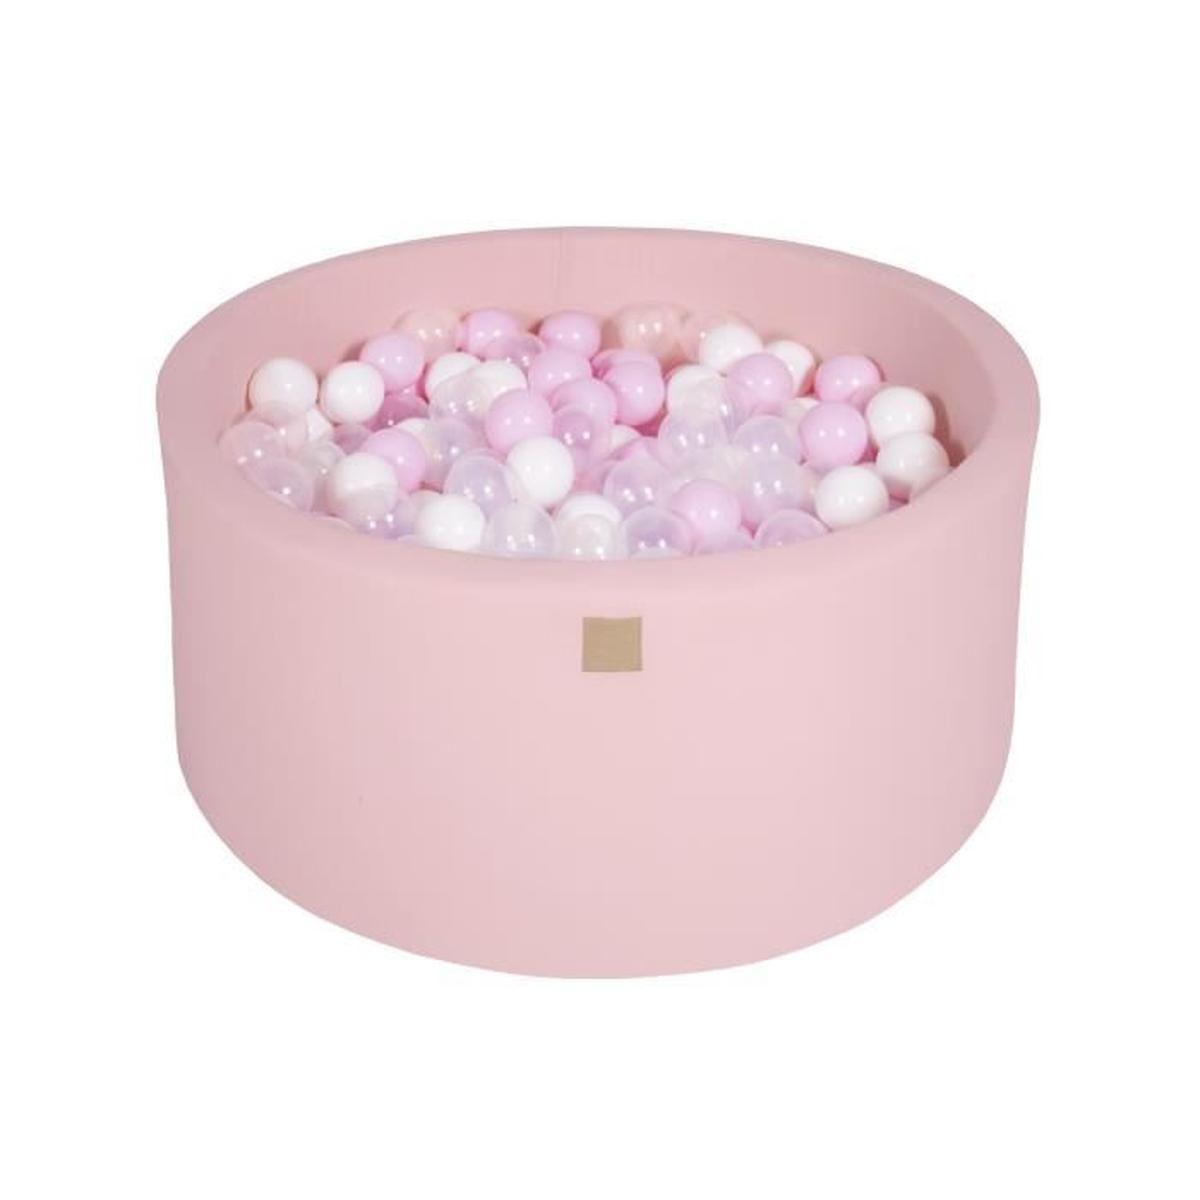 Meowbaby 90X40Cm/300 Balles ∅ 7Cm Piscine À Balles Pour ... destiné Piscine À Balles Bébé